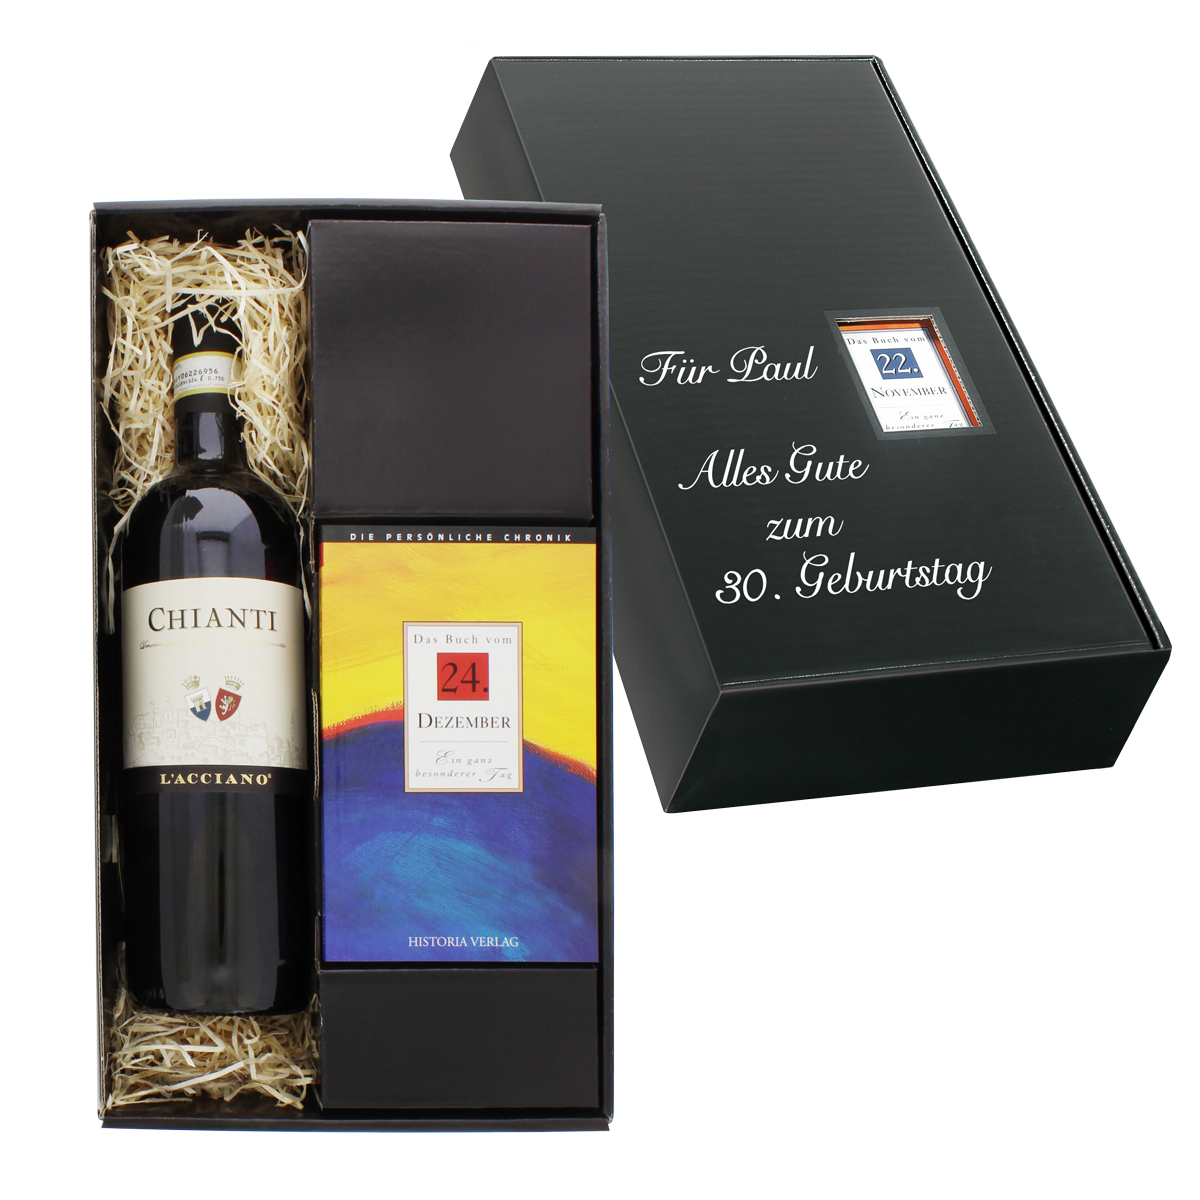 Italien-Set: Tageschronik vom 16. Juni & Chianti-Wein